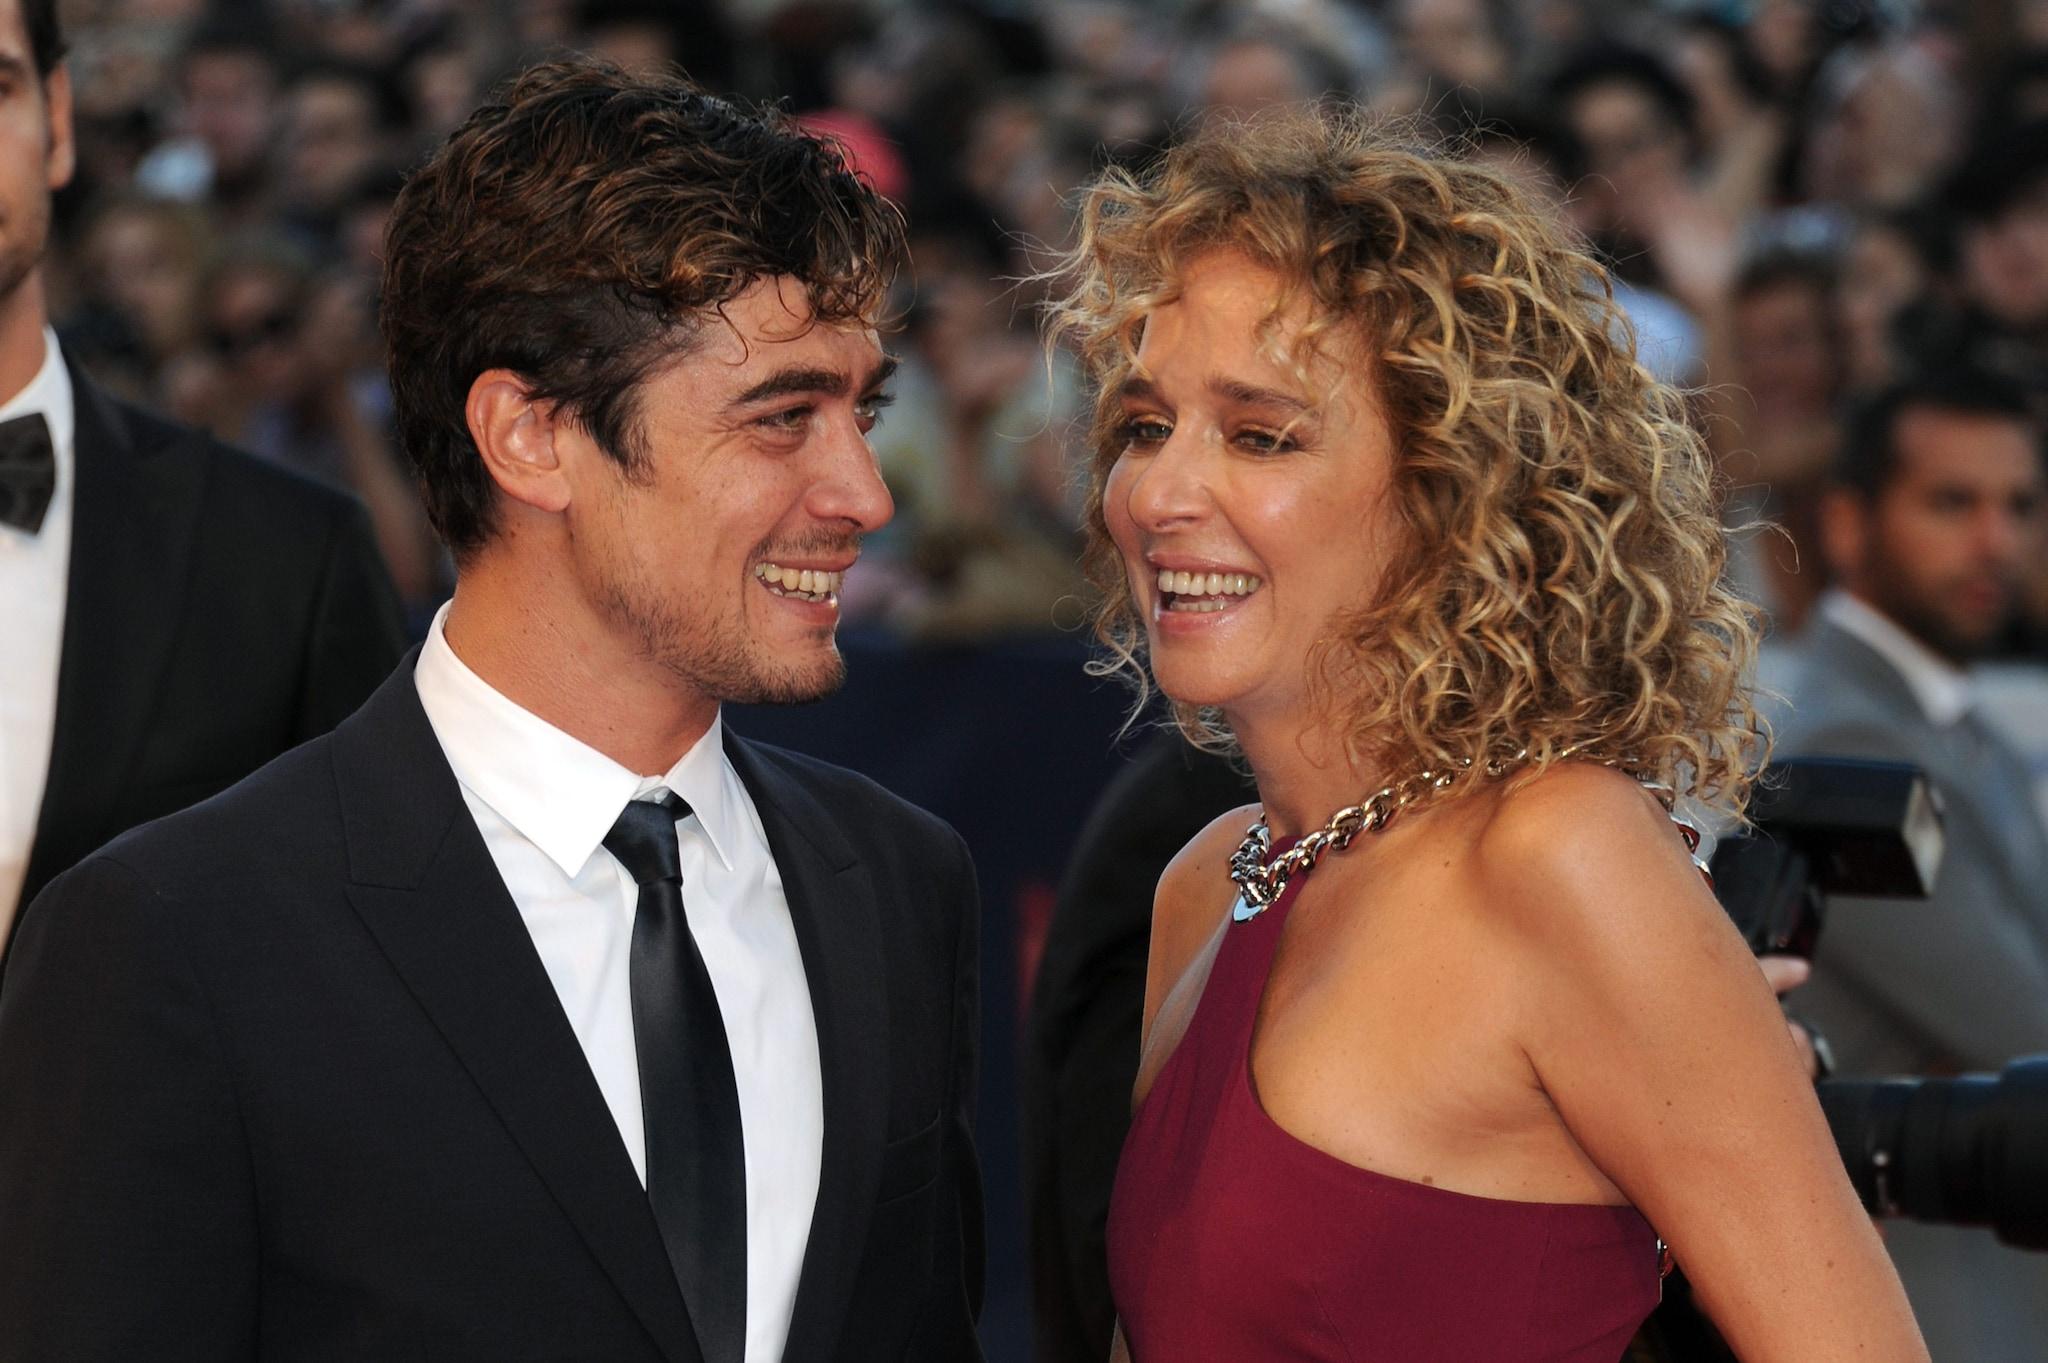 Riccardo Scamarcio e Valeria Golino al Festival del Cinema di Venezia nel 2015